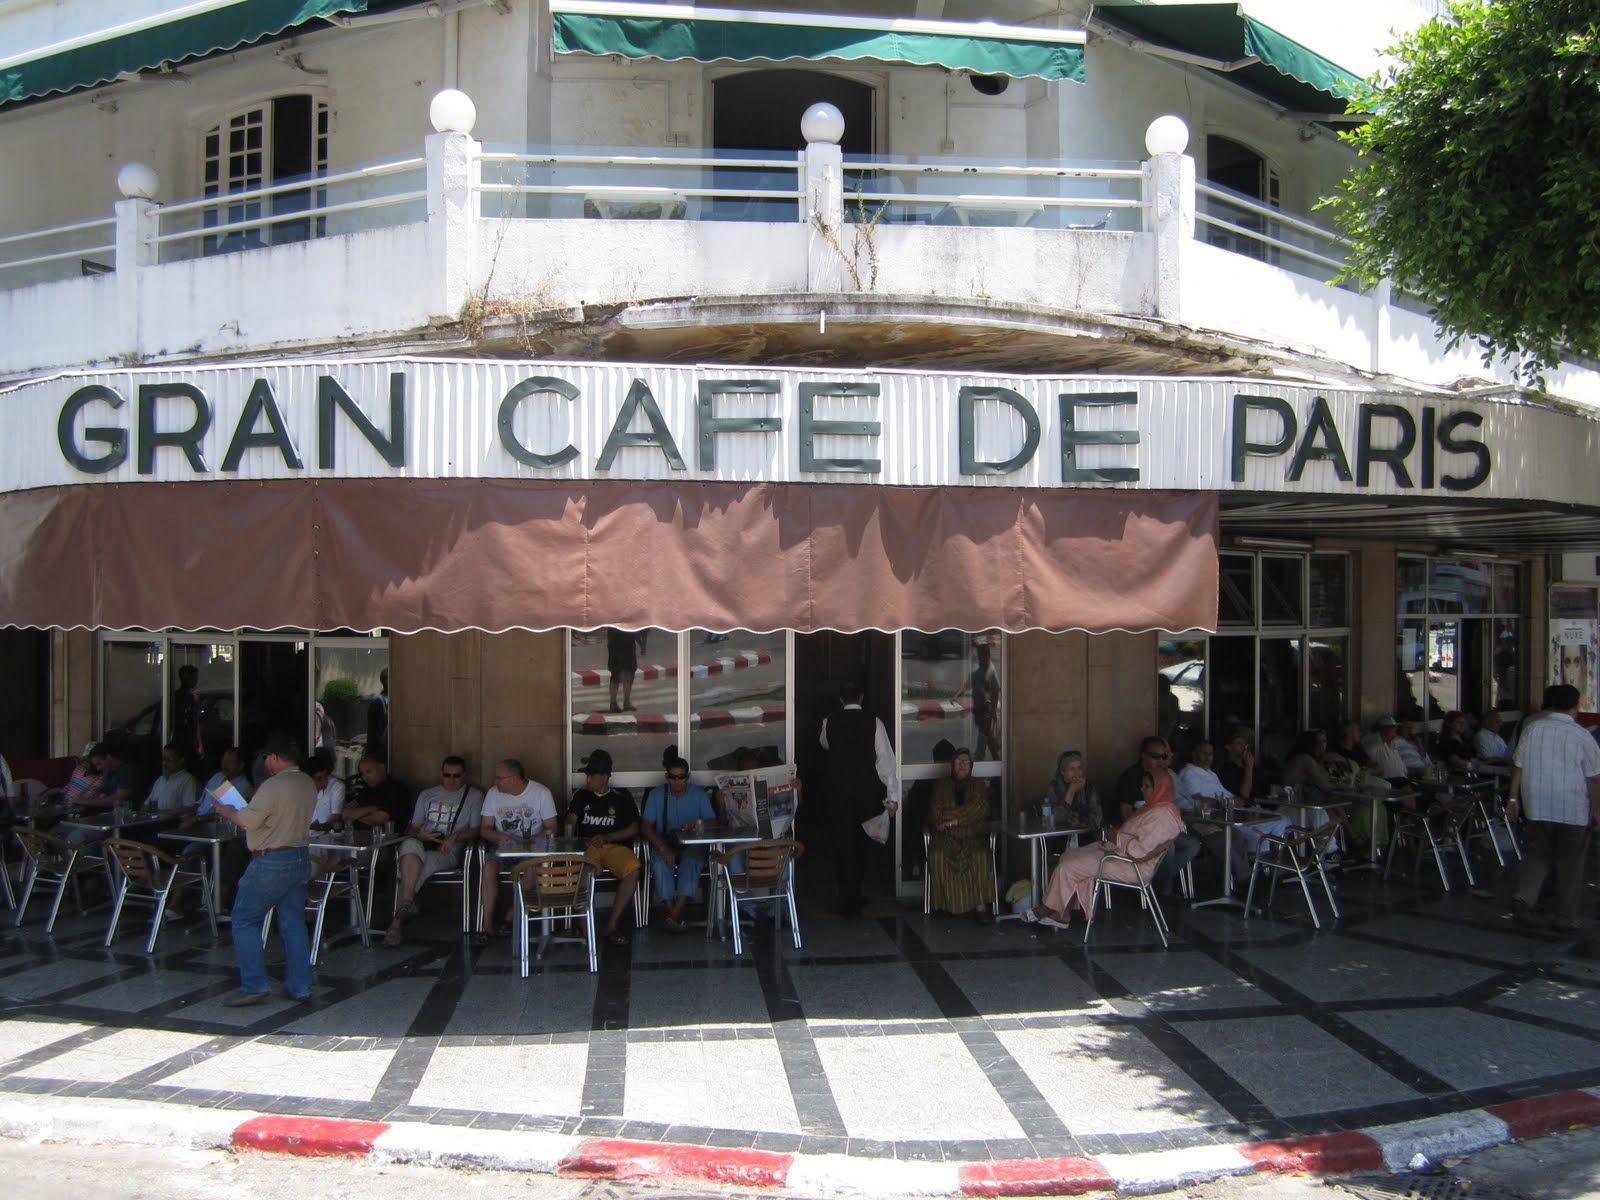 Gran Cafe De Paris Tangiers